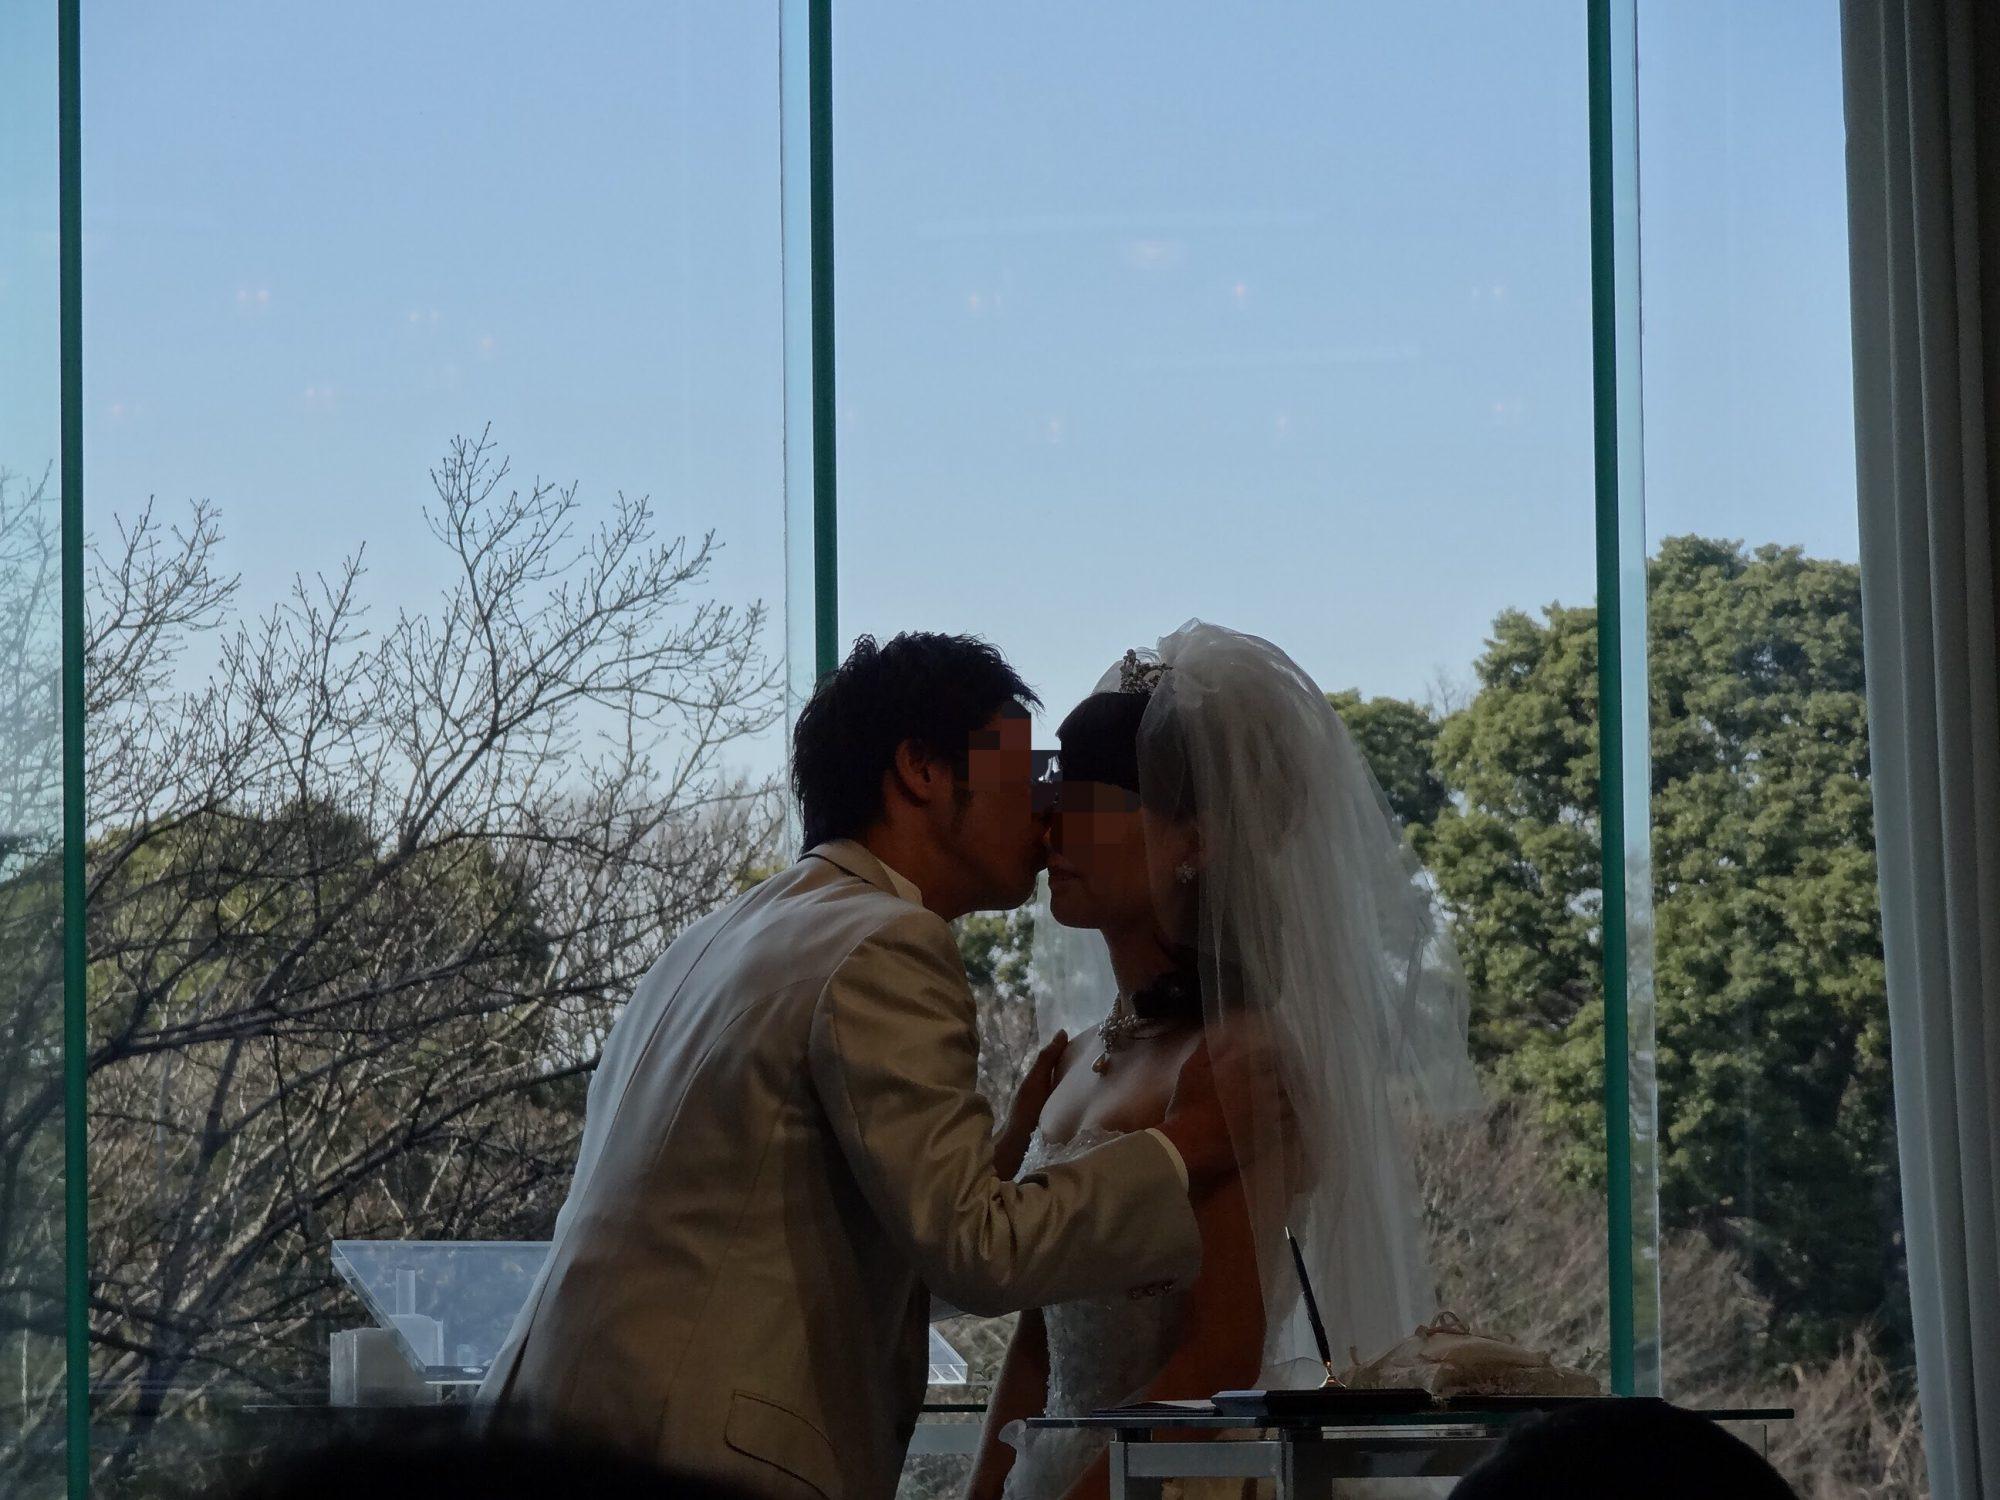 婚活のゴールを結婚と考えているうちは絶対結婚できない